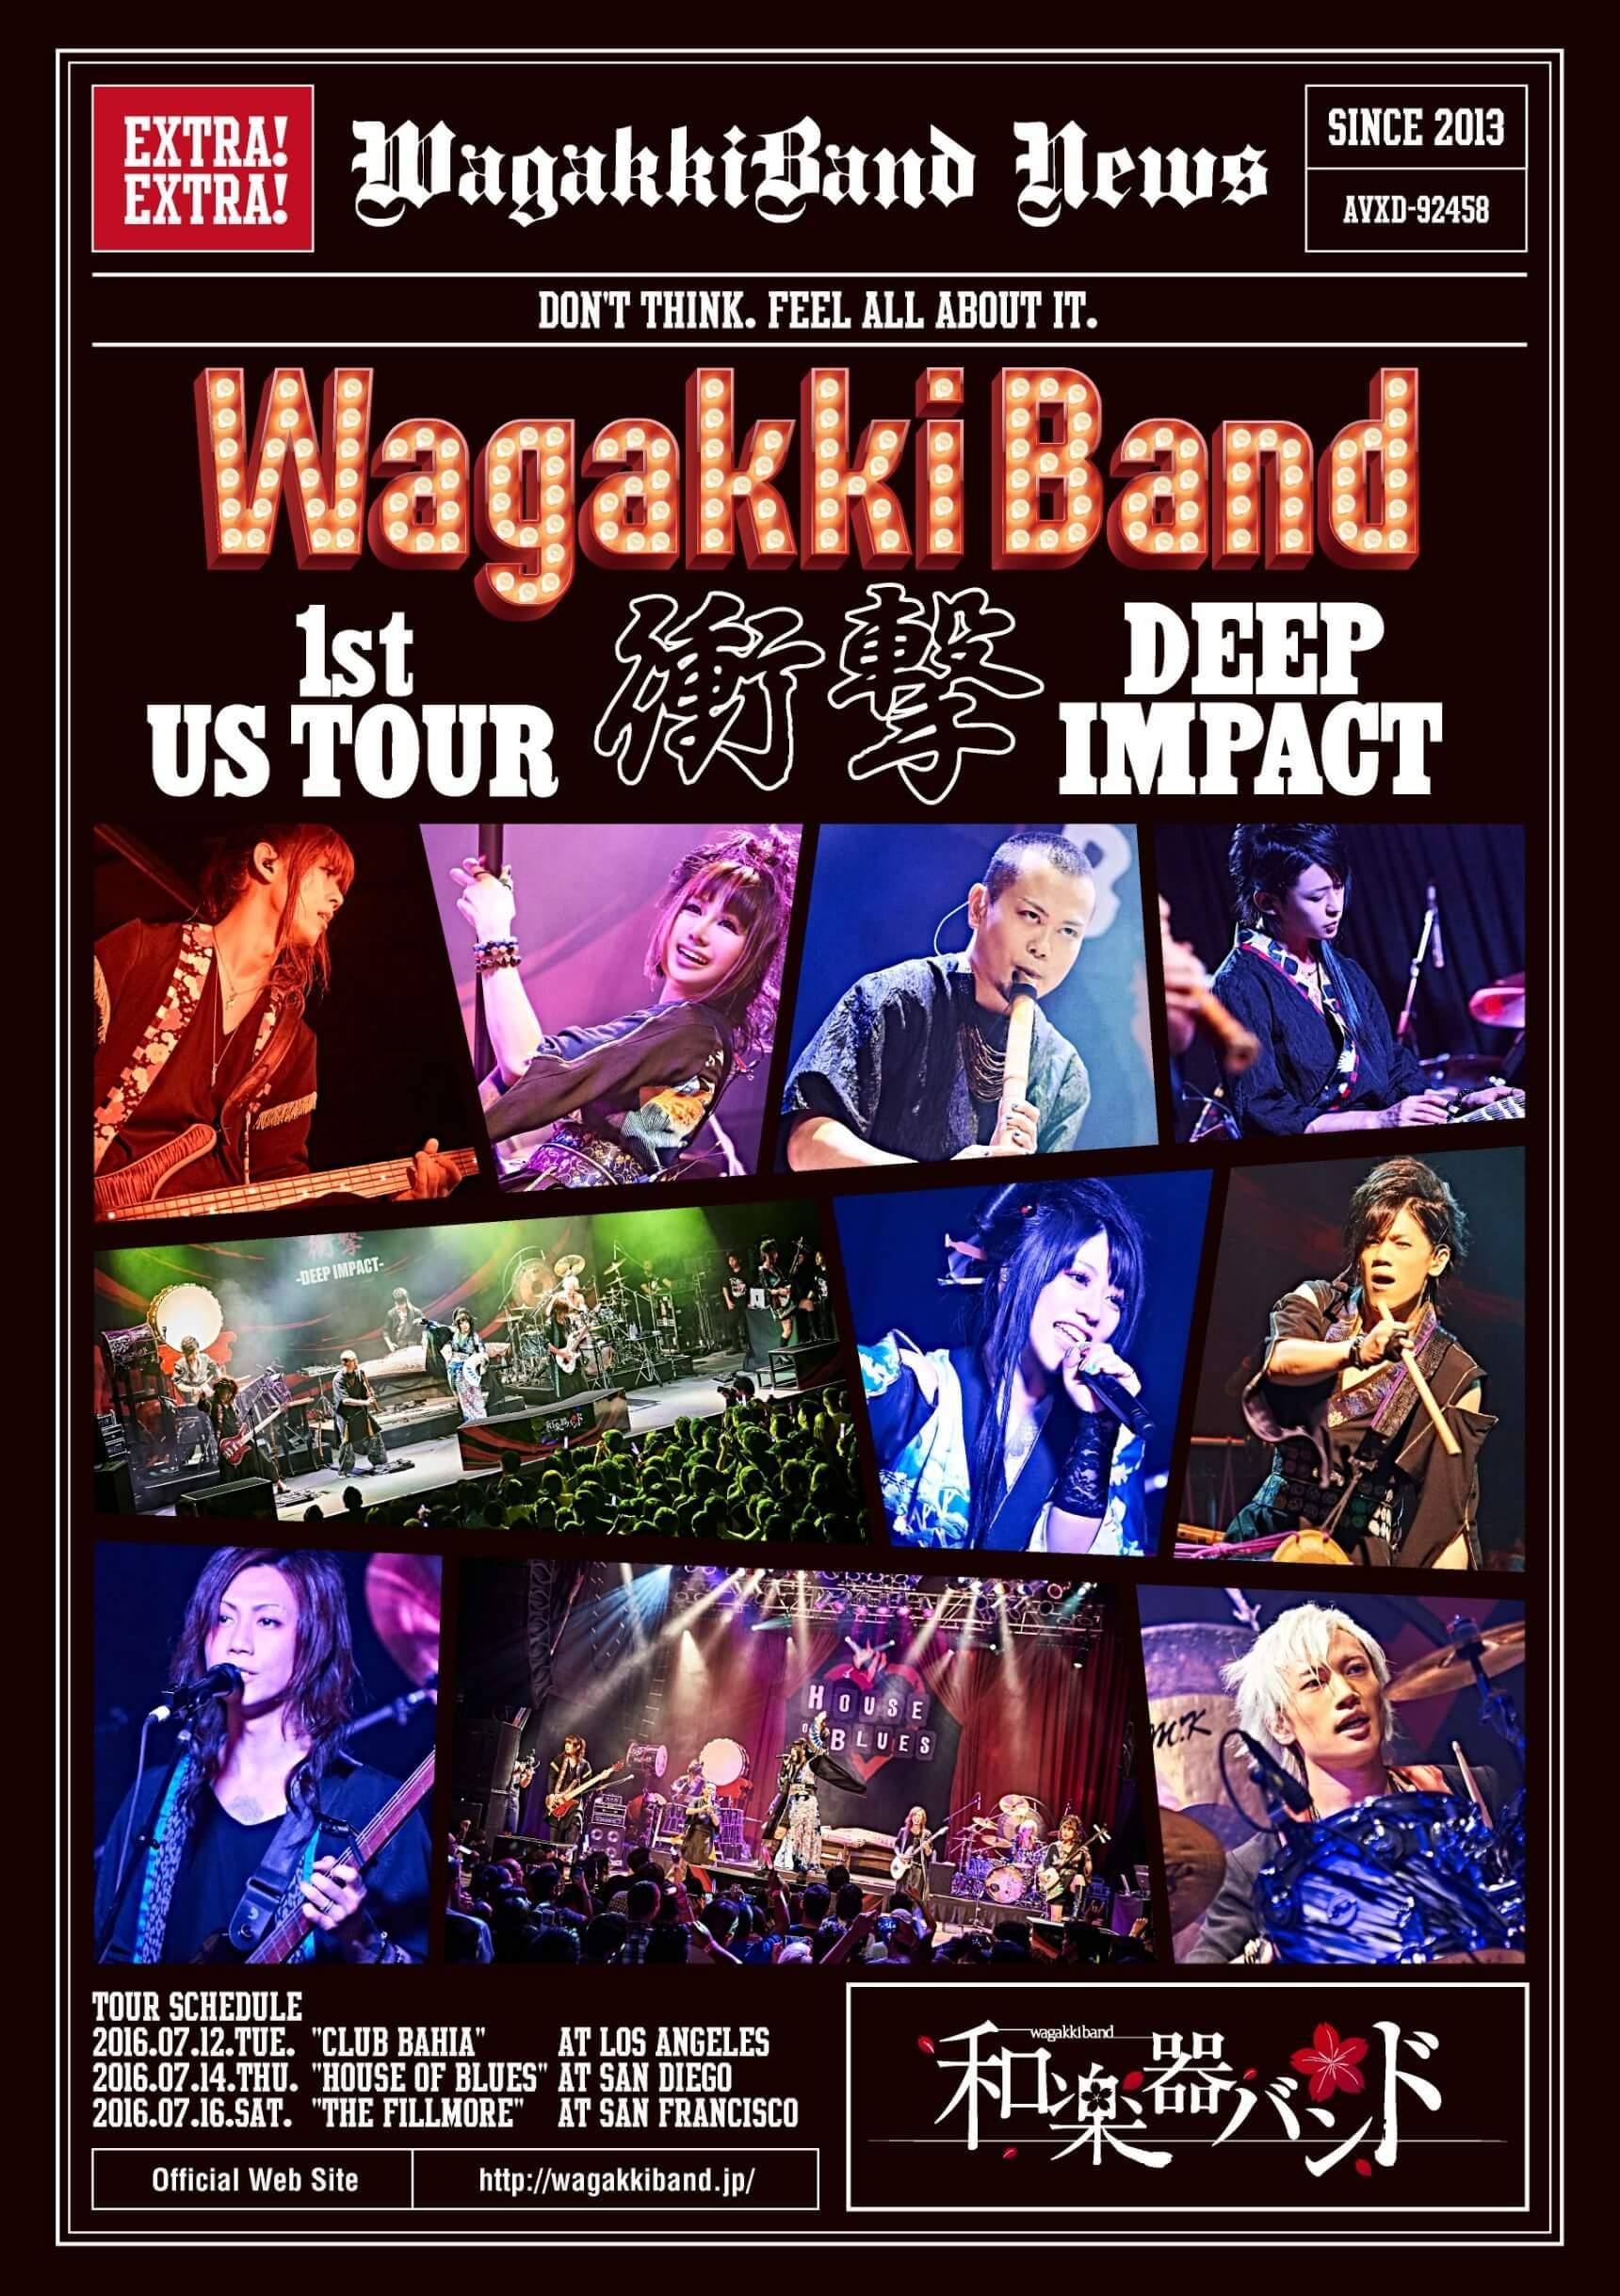 Blu-ray(US Tour ドキュメント収録)